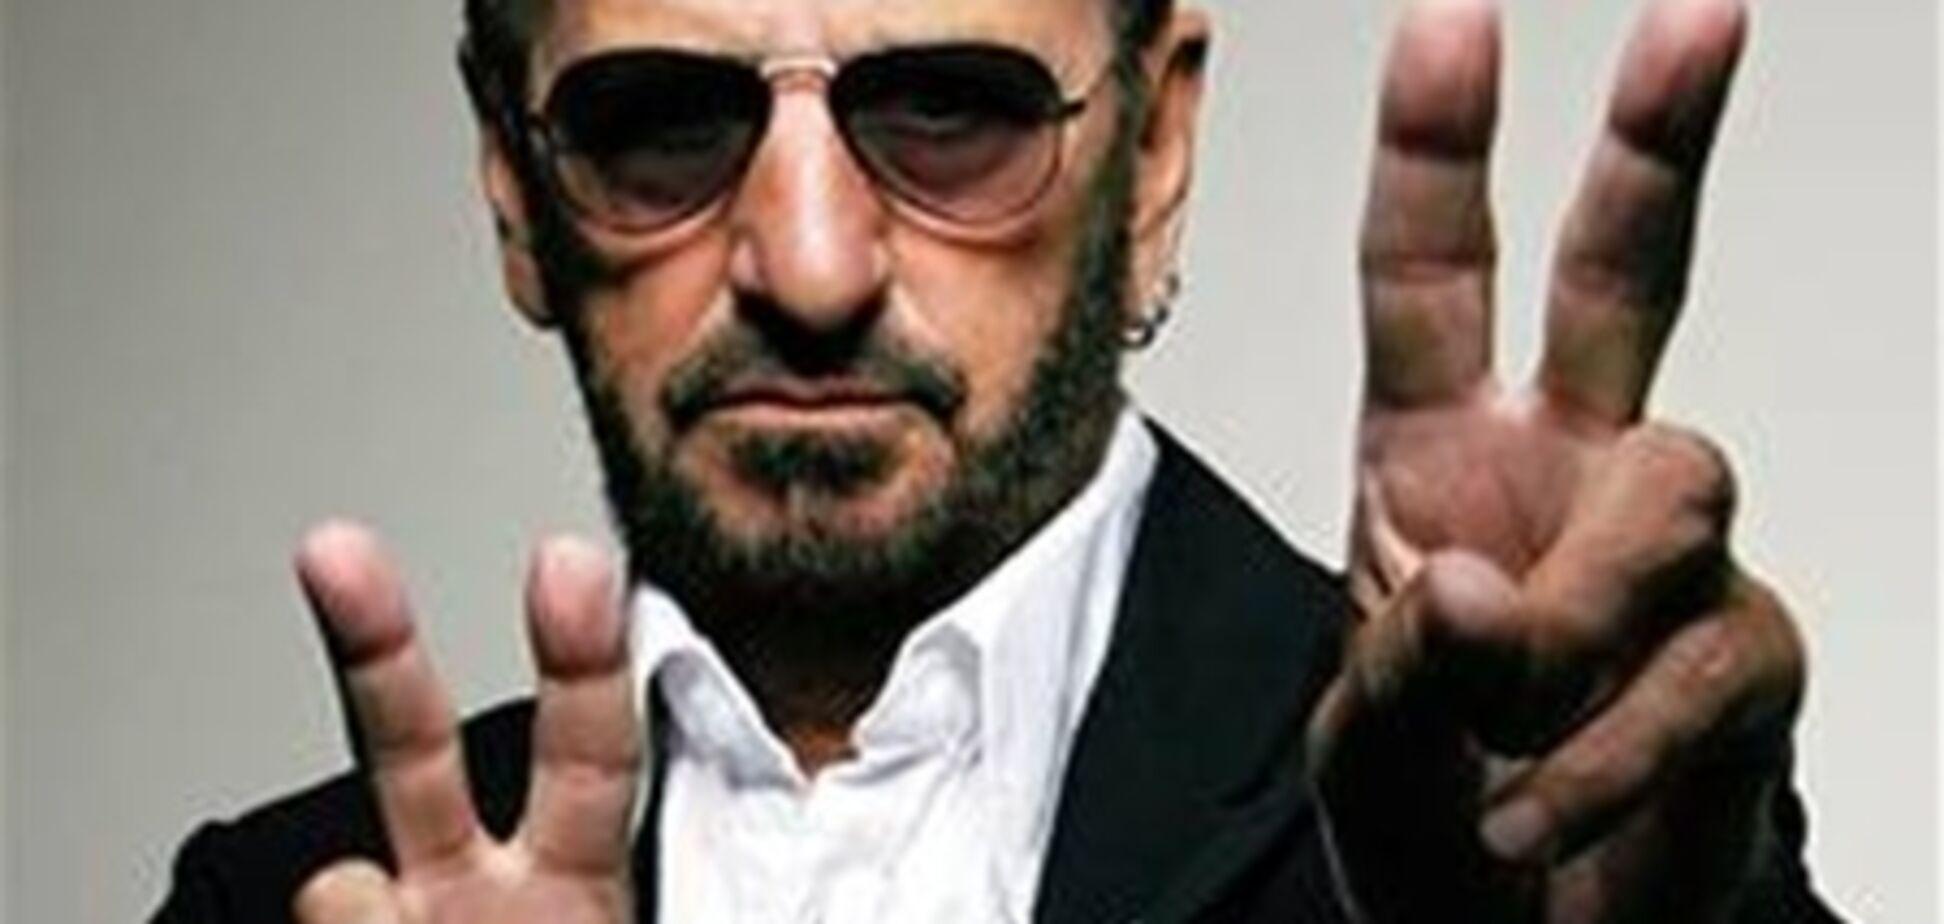 Ринго Старр: Маккартни считает, что из Beatles остался только он один